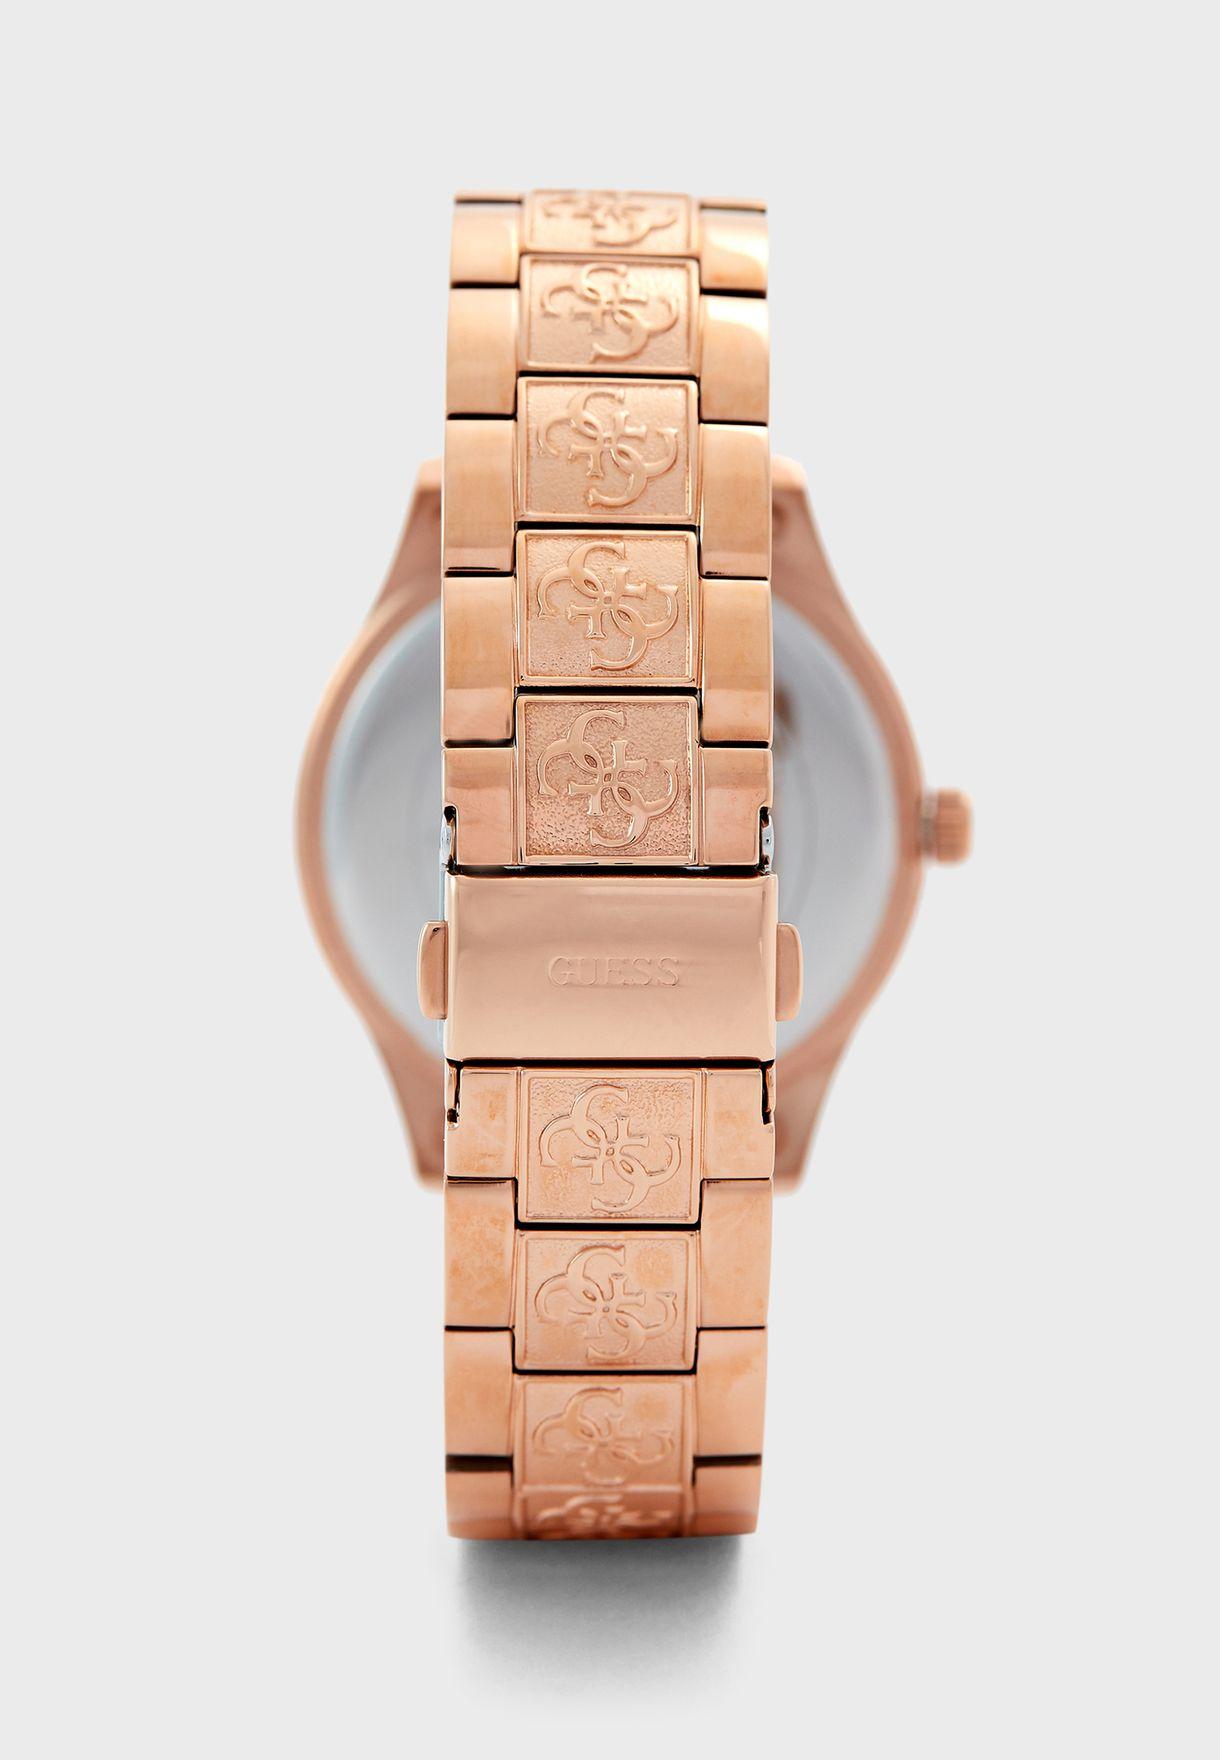 ساعة انالوج بحركة عقارب ثلاثية